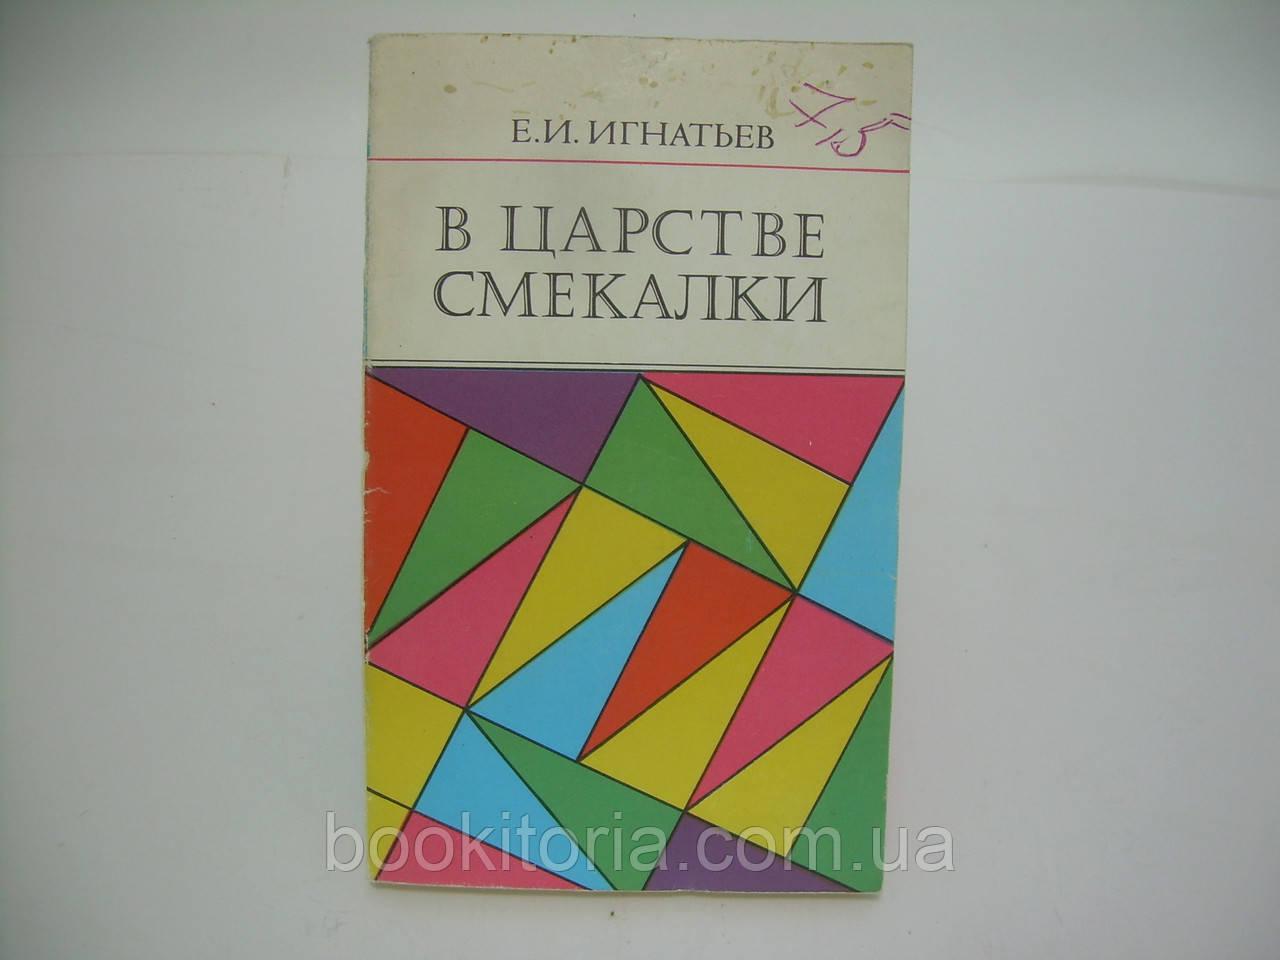 Игнатьев Е.И. В царстве смекалки (б/у).